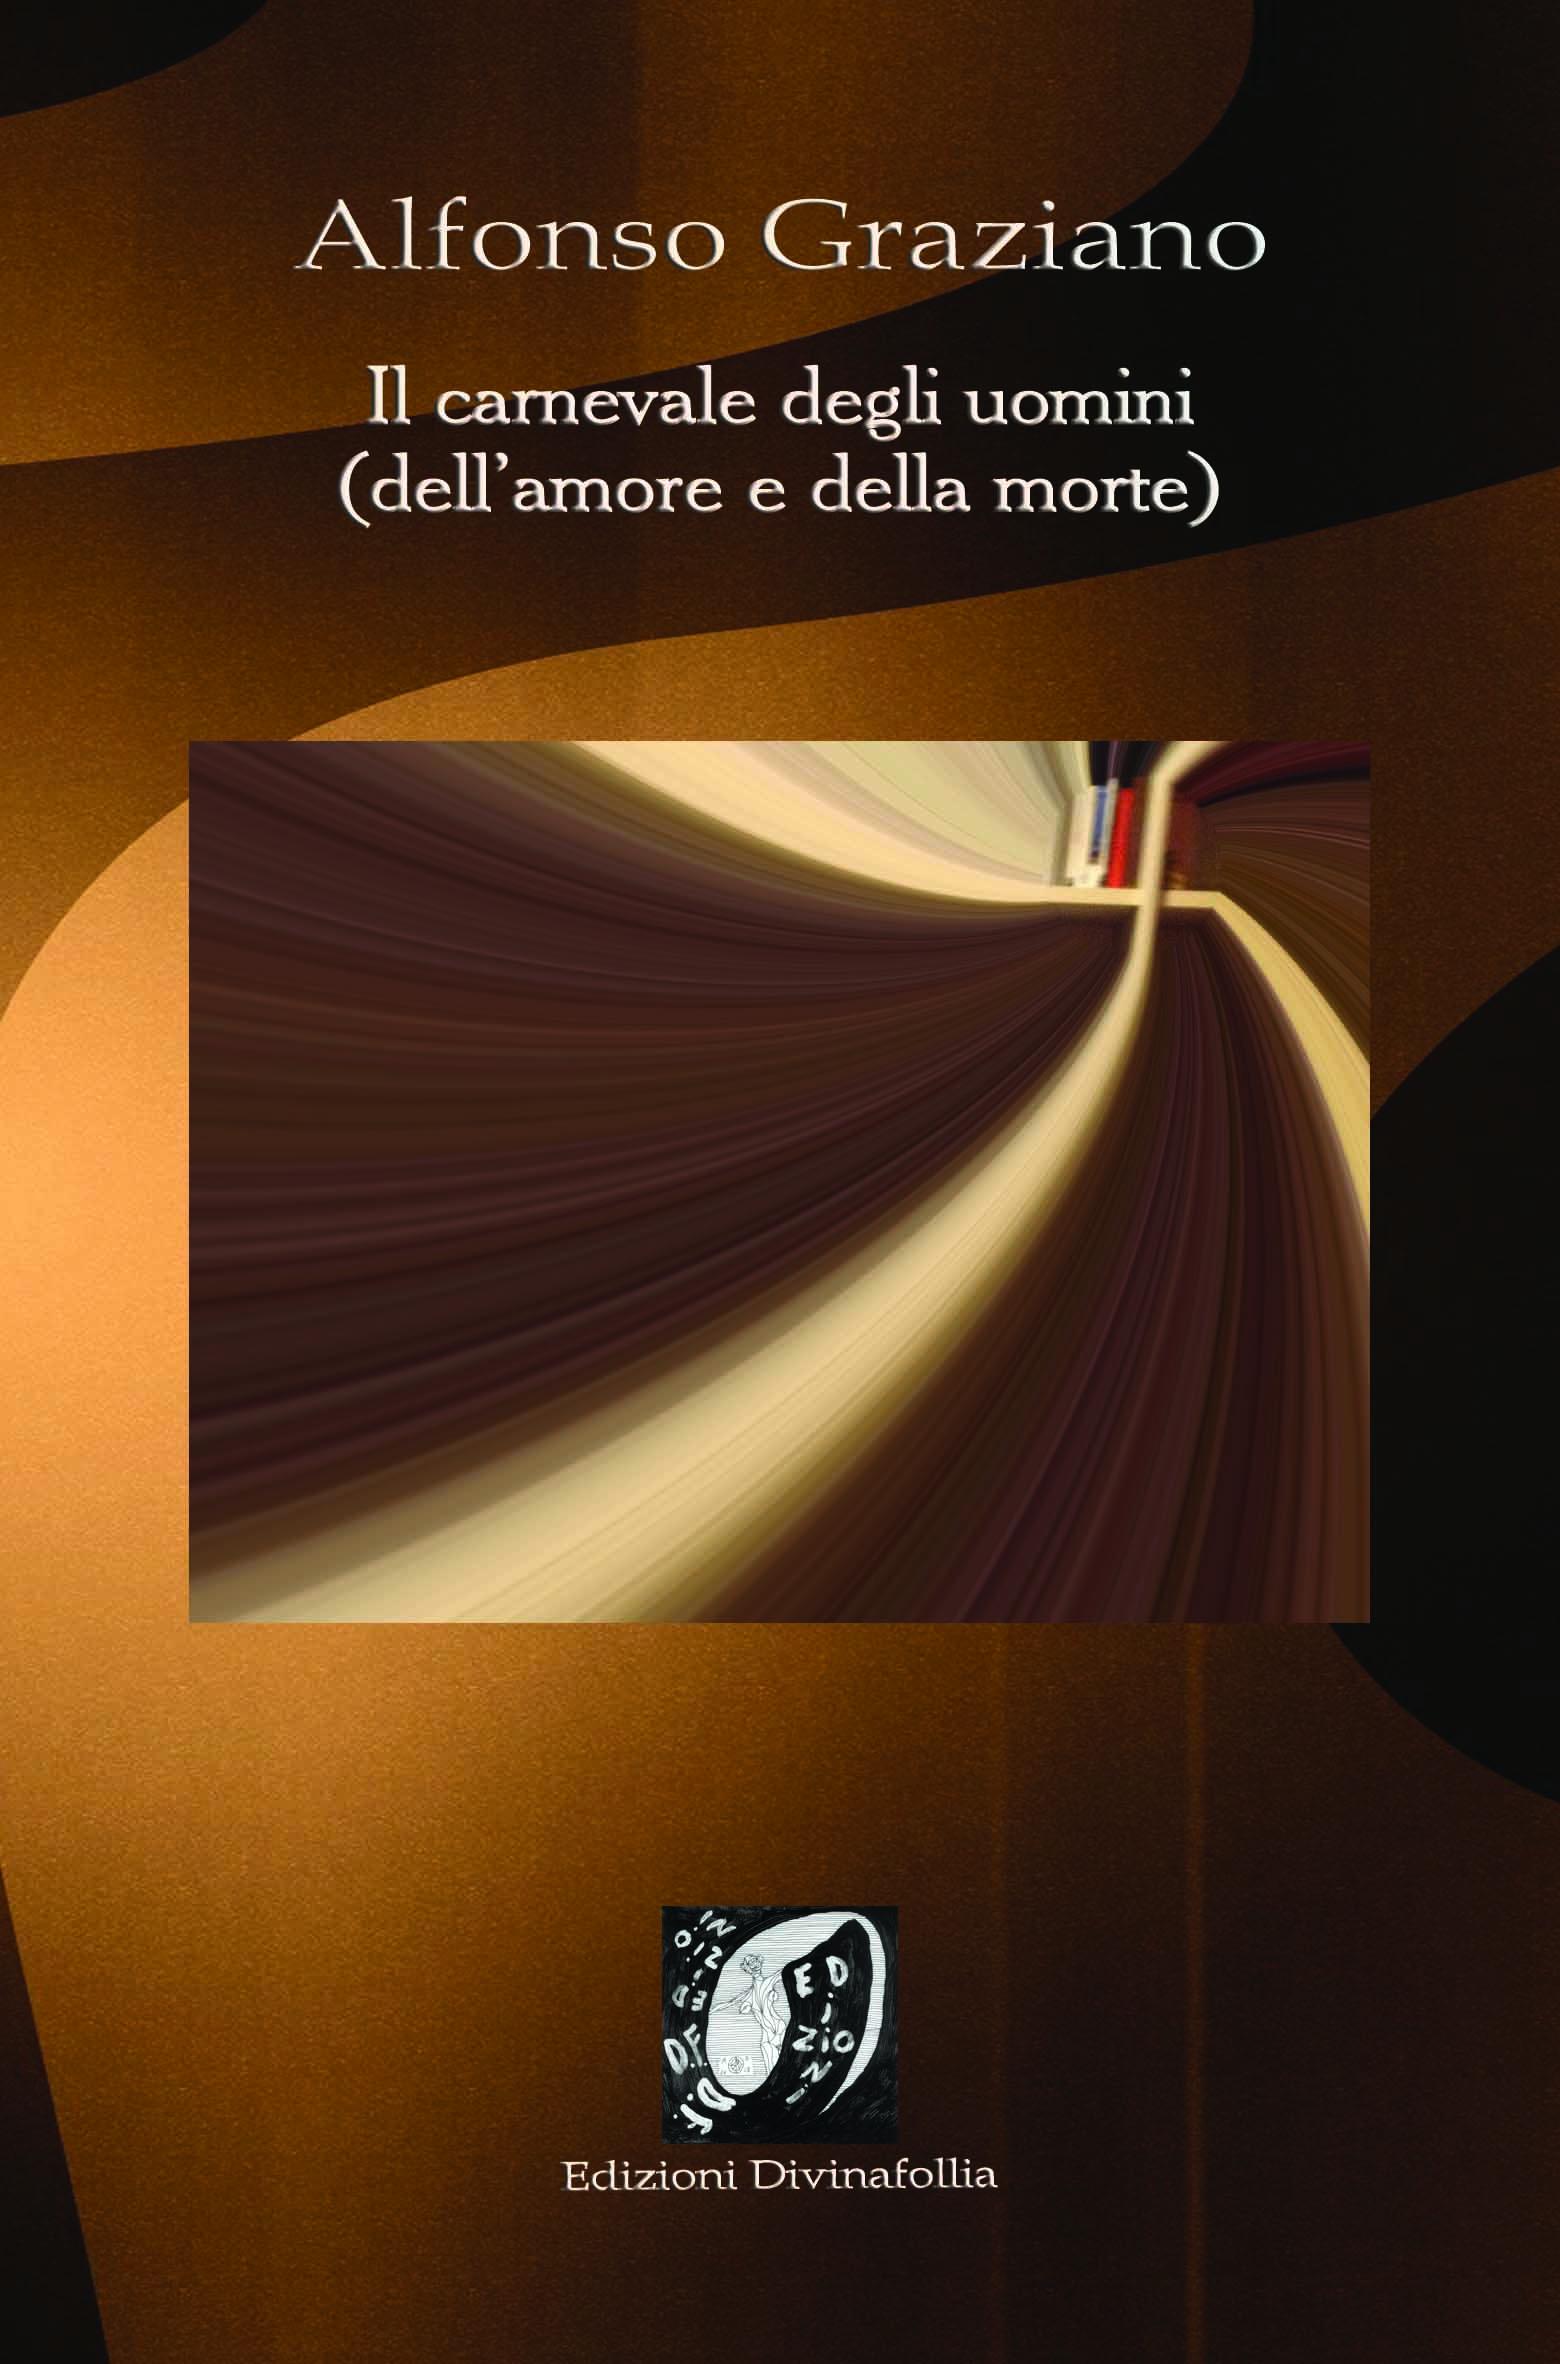 Alfonso Graziano: dal silenzio alla parola